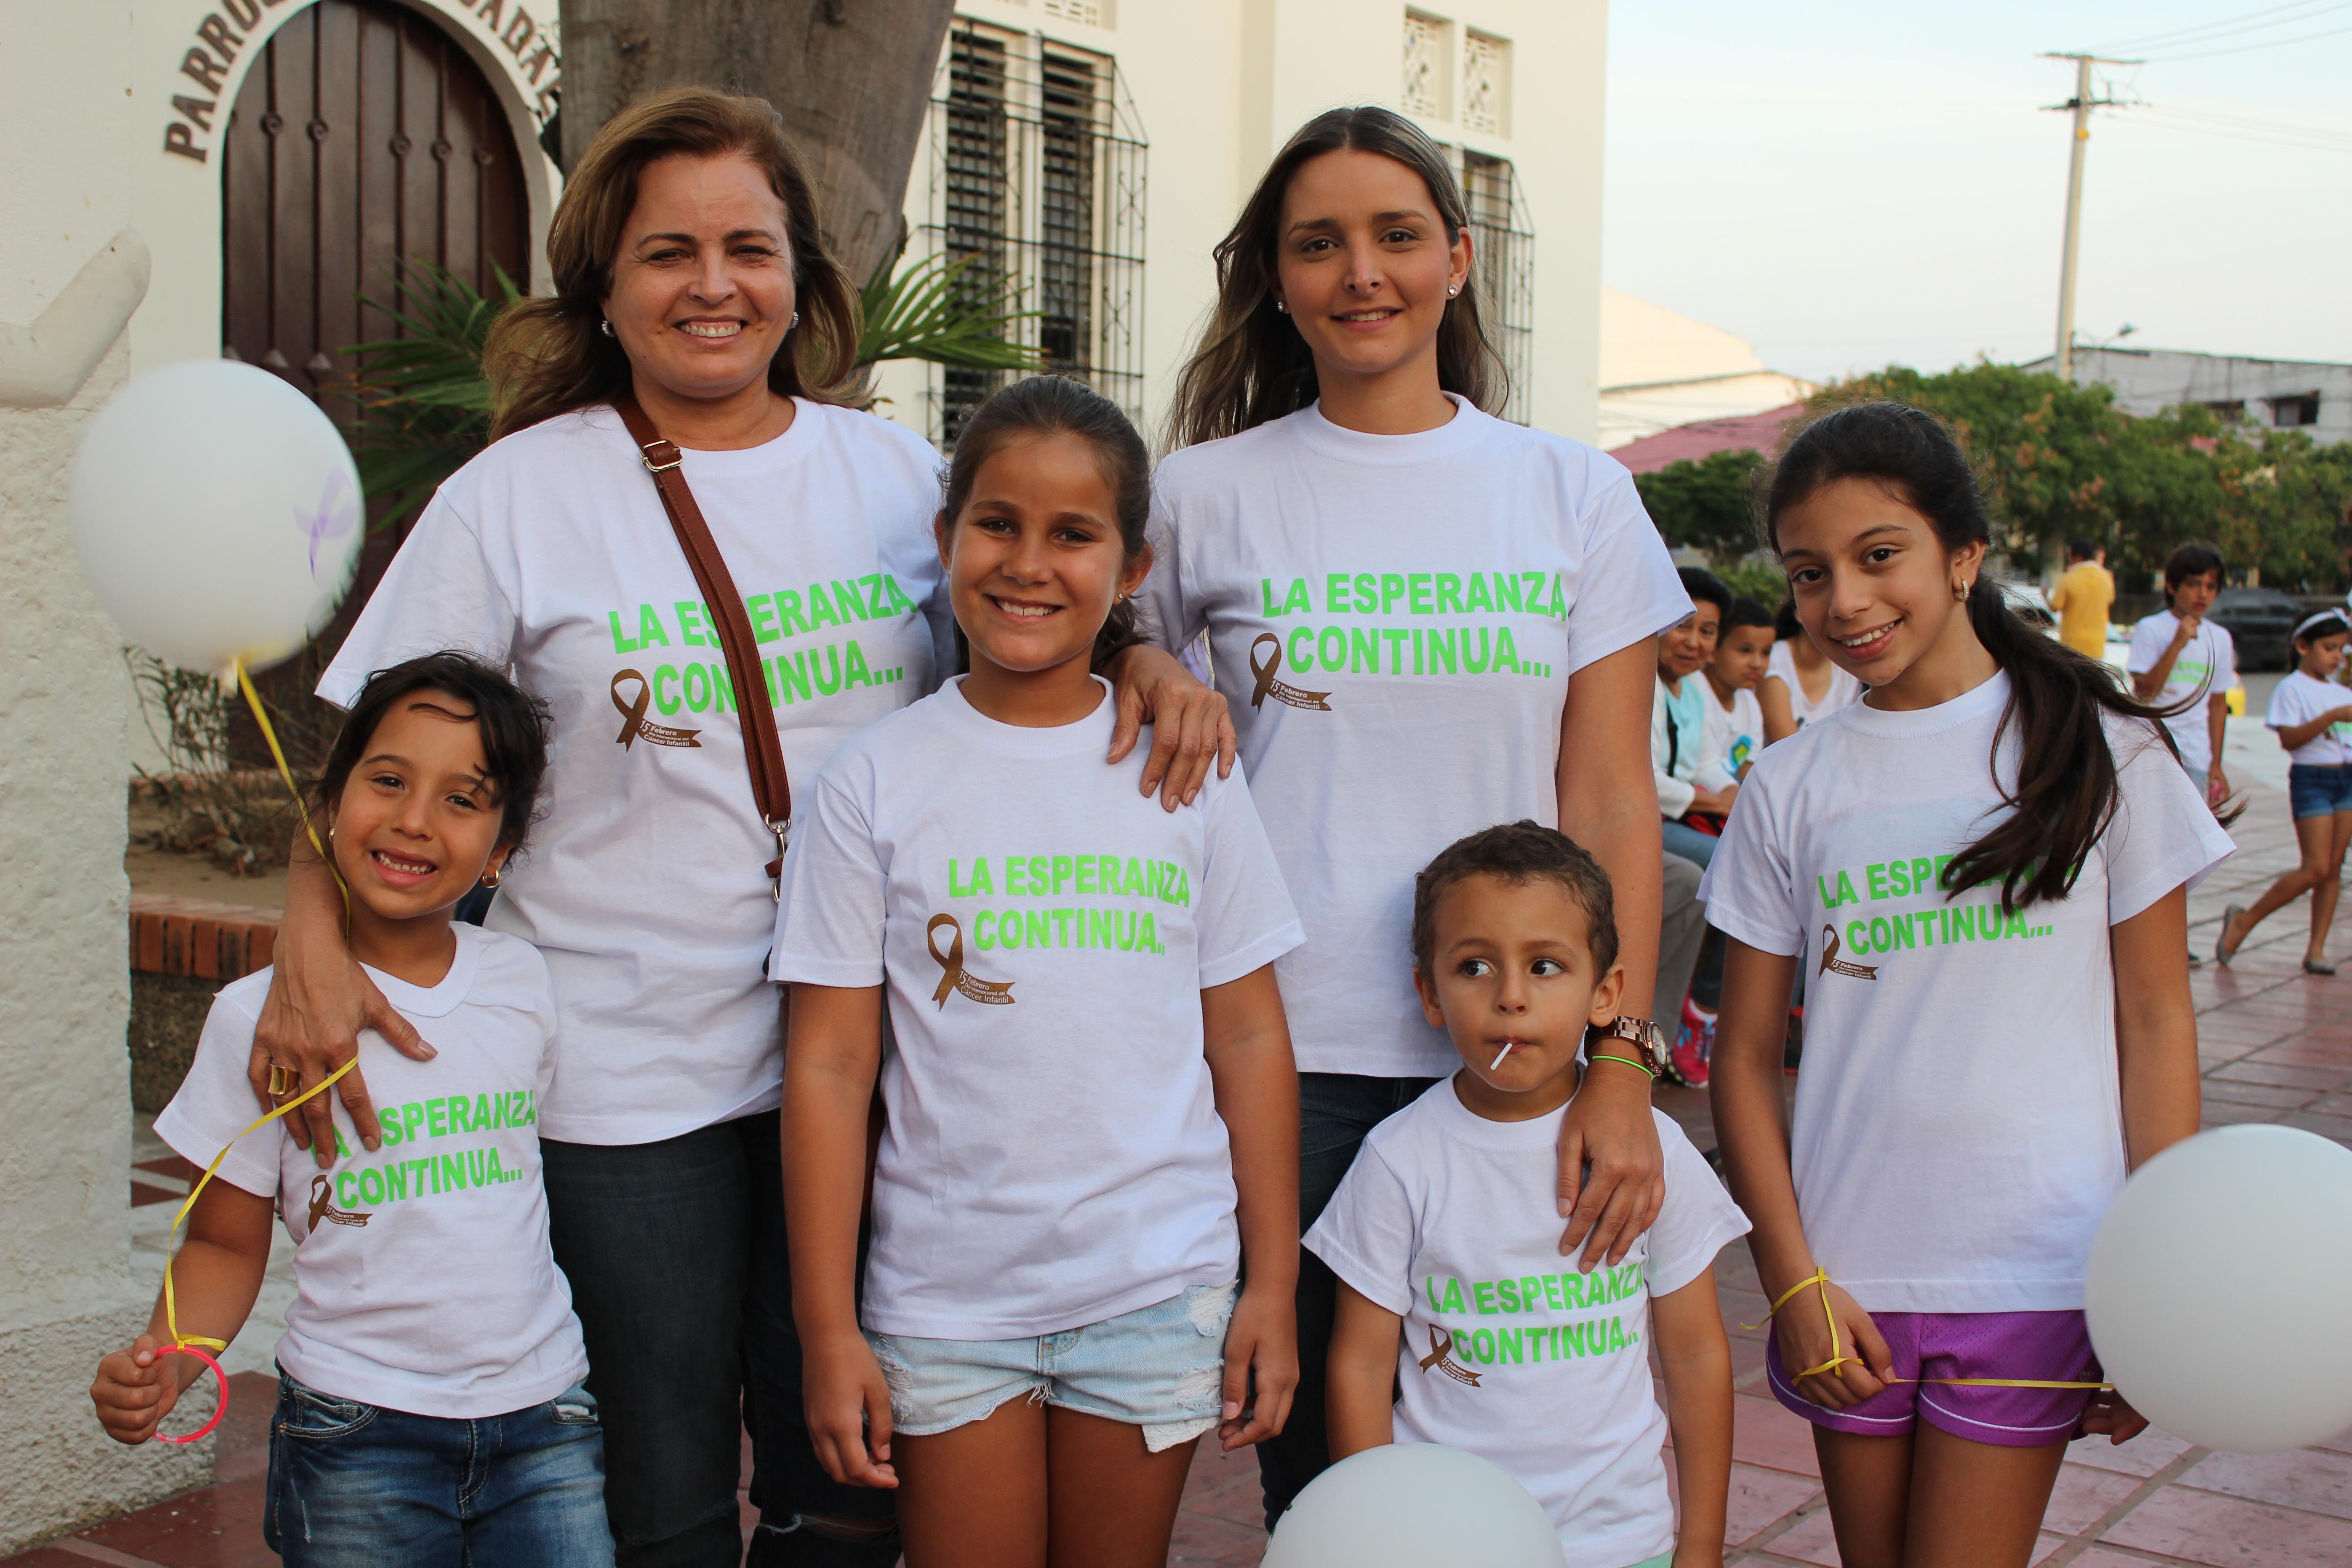 Ema Noguera, Marta Cabrera, Ivana Martinez, Lorena Roman, Juan Sebastian Garcia e Isabela Osio